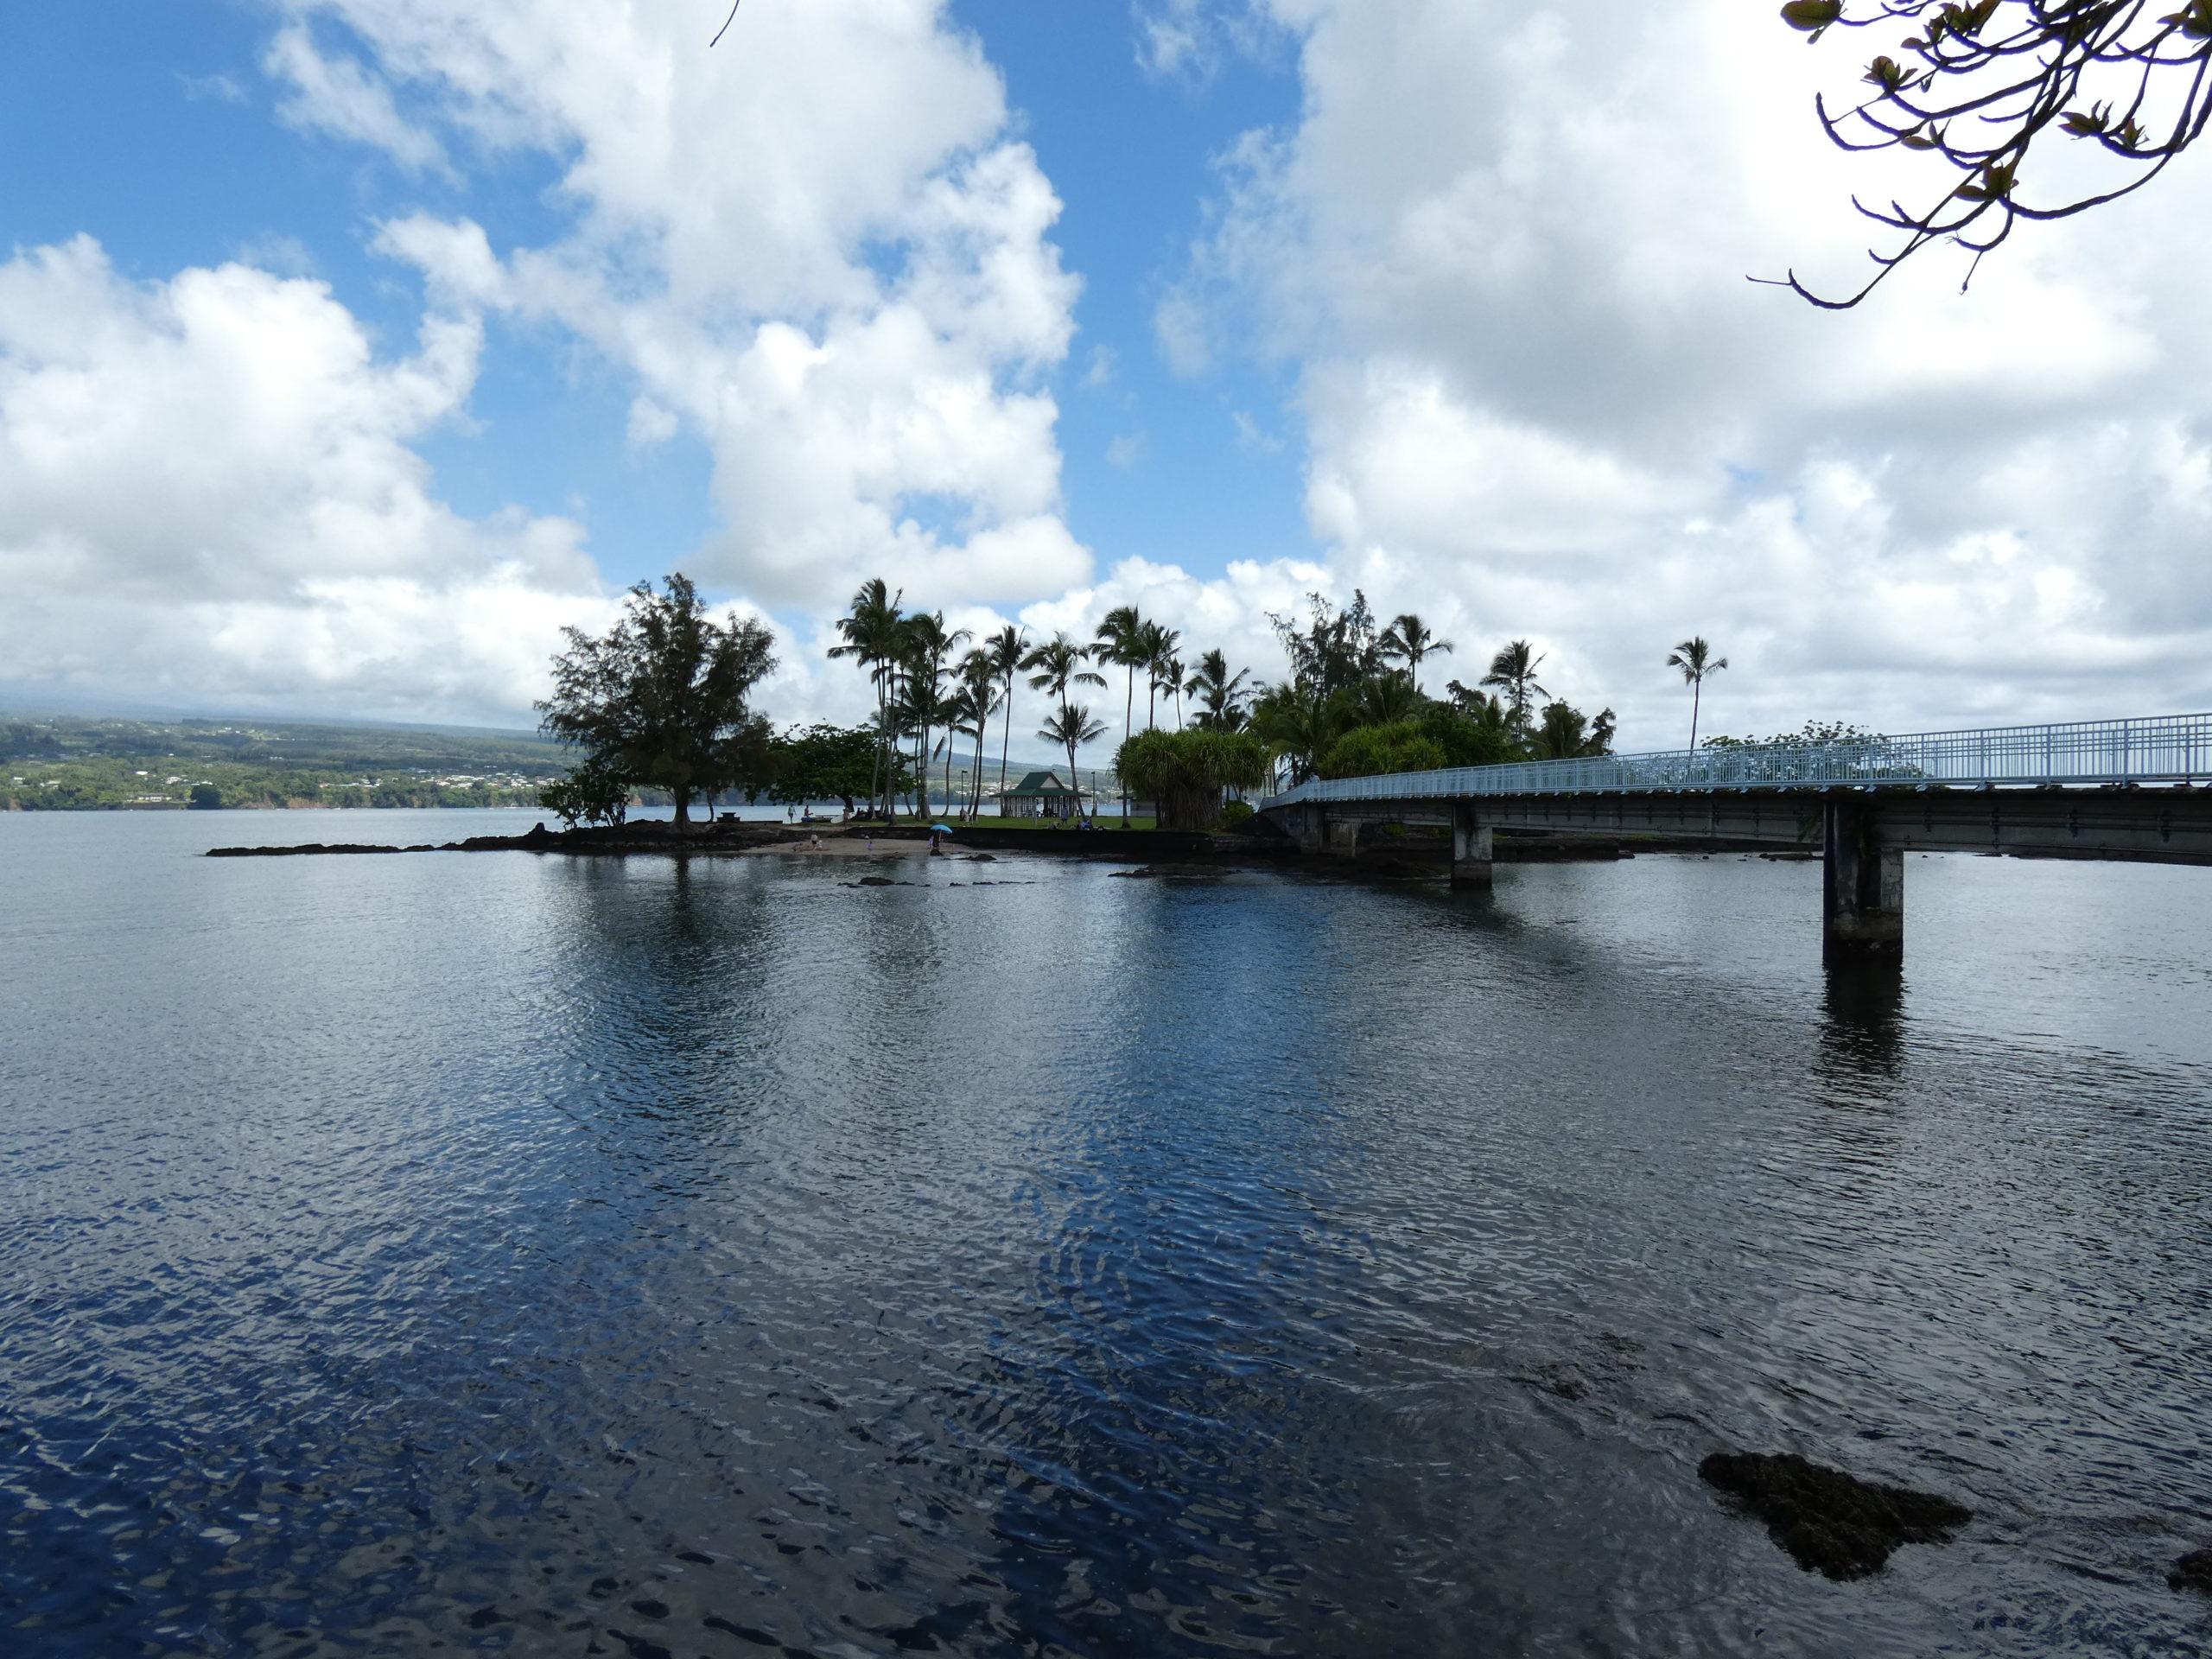 Le pont et l'île